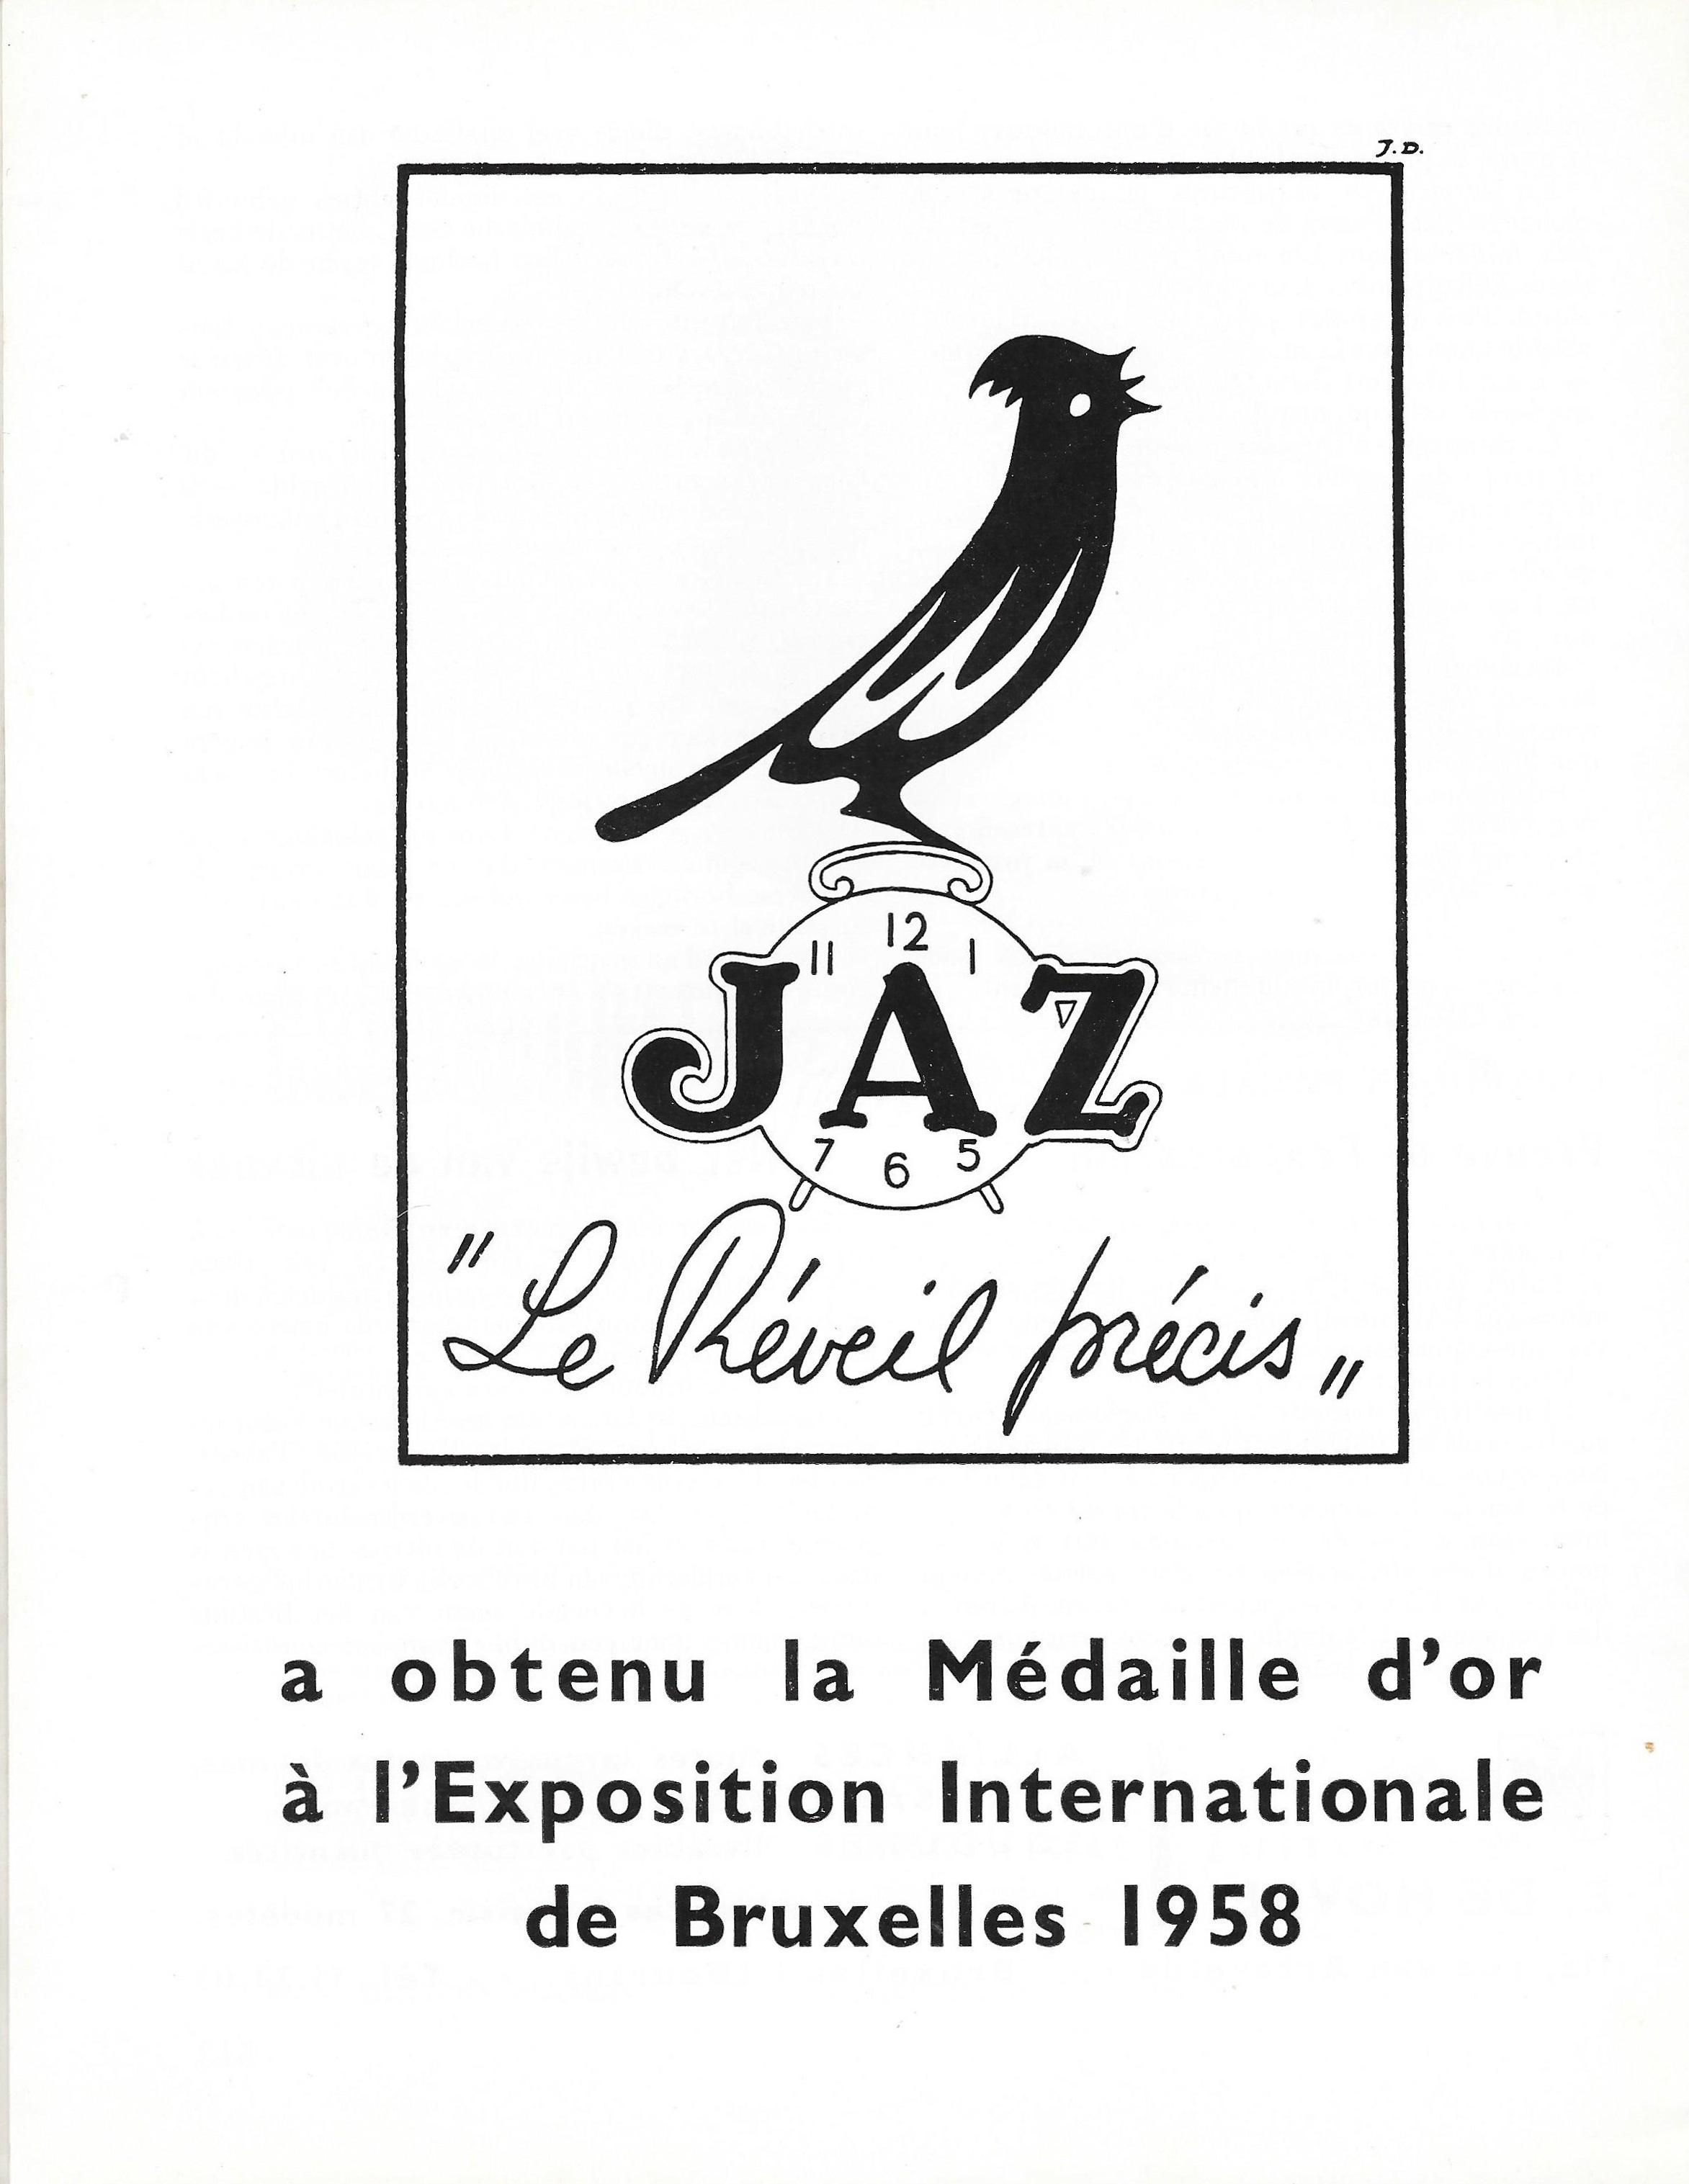 TECHNICA n°160 Novembre 1959 page 614